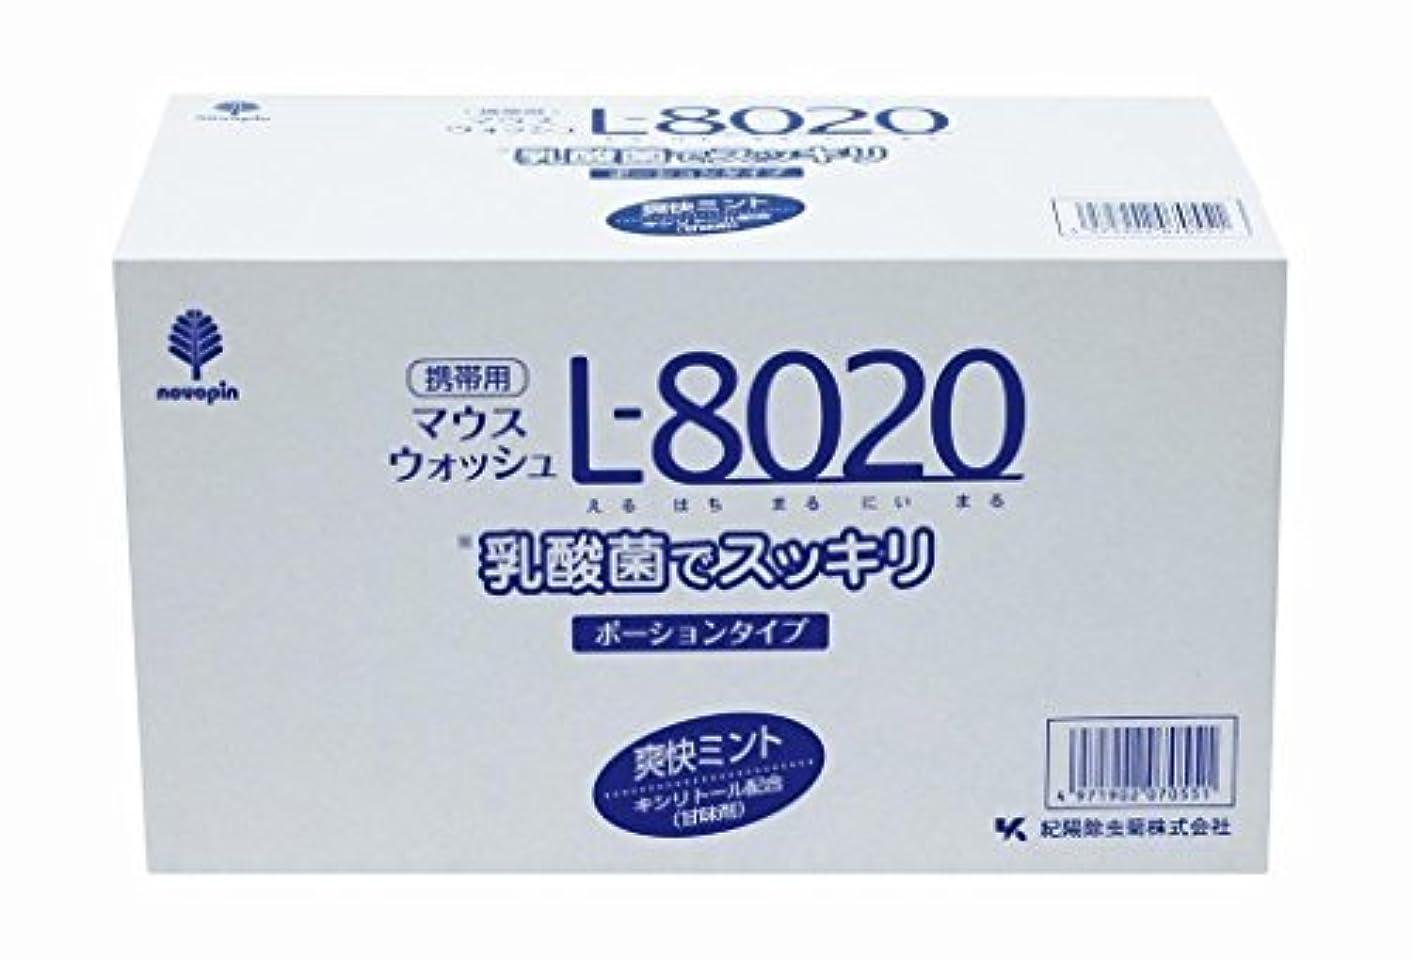 地獄全く無傷クチュッペL-8020爽快ミントポーションタイプ100個入(アルコール) 【まとめ買い10個セット】 K-7055 日本製 Japan